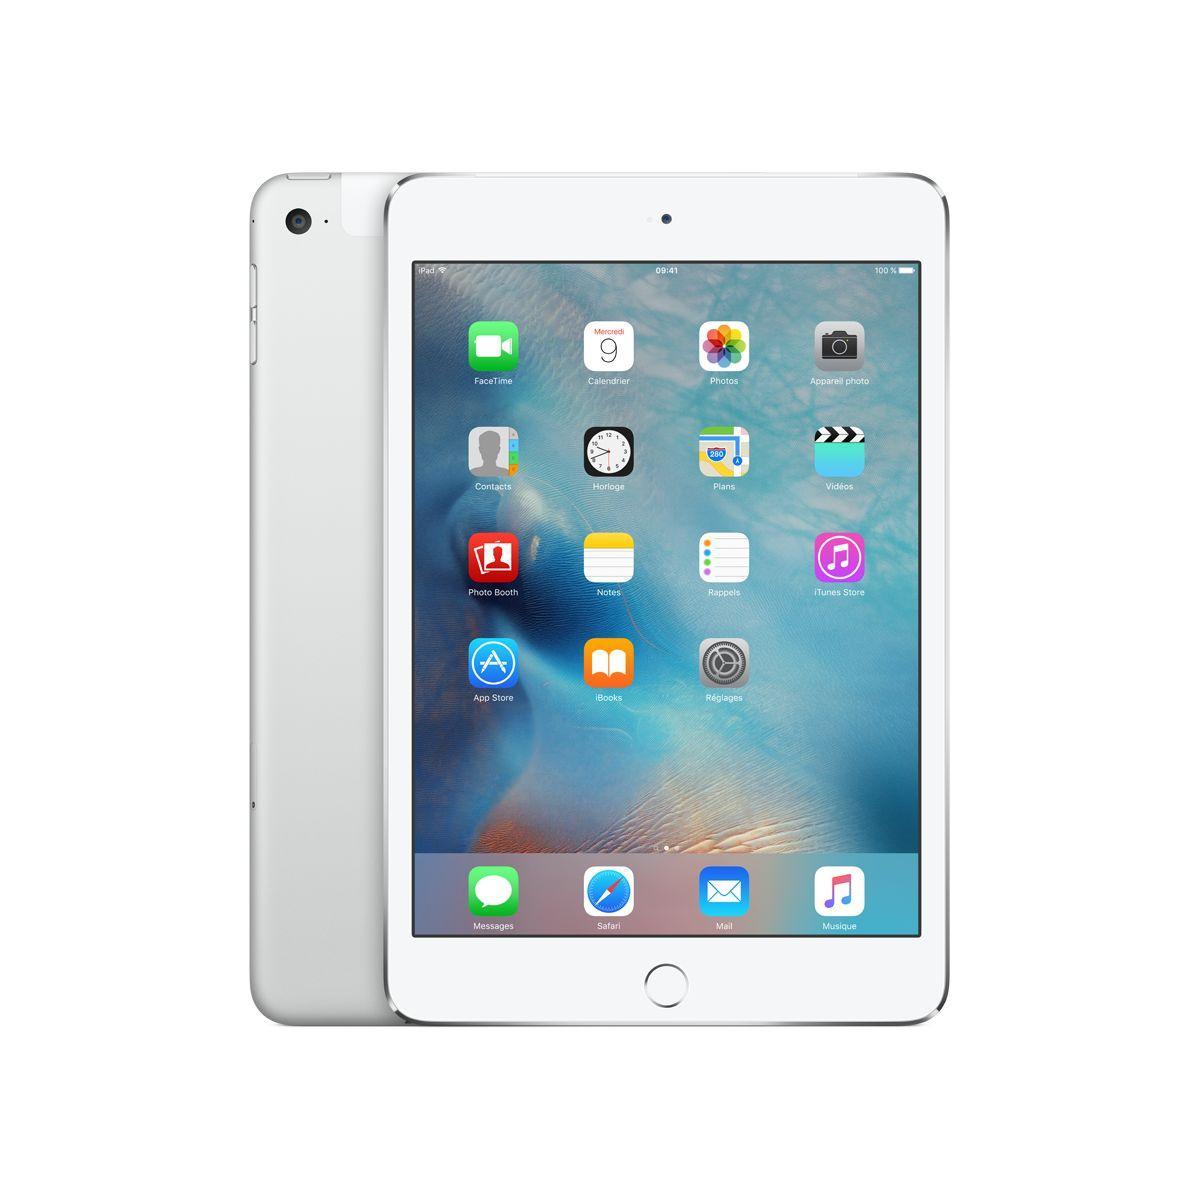 Tablette apple ipad mini 4 128go cel. argent - livraison offerte : code livrelais